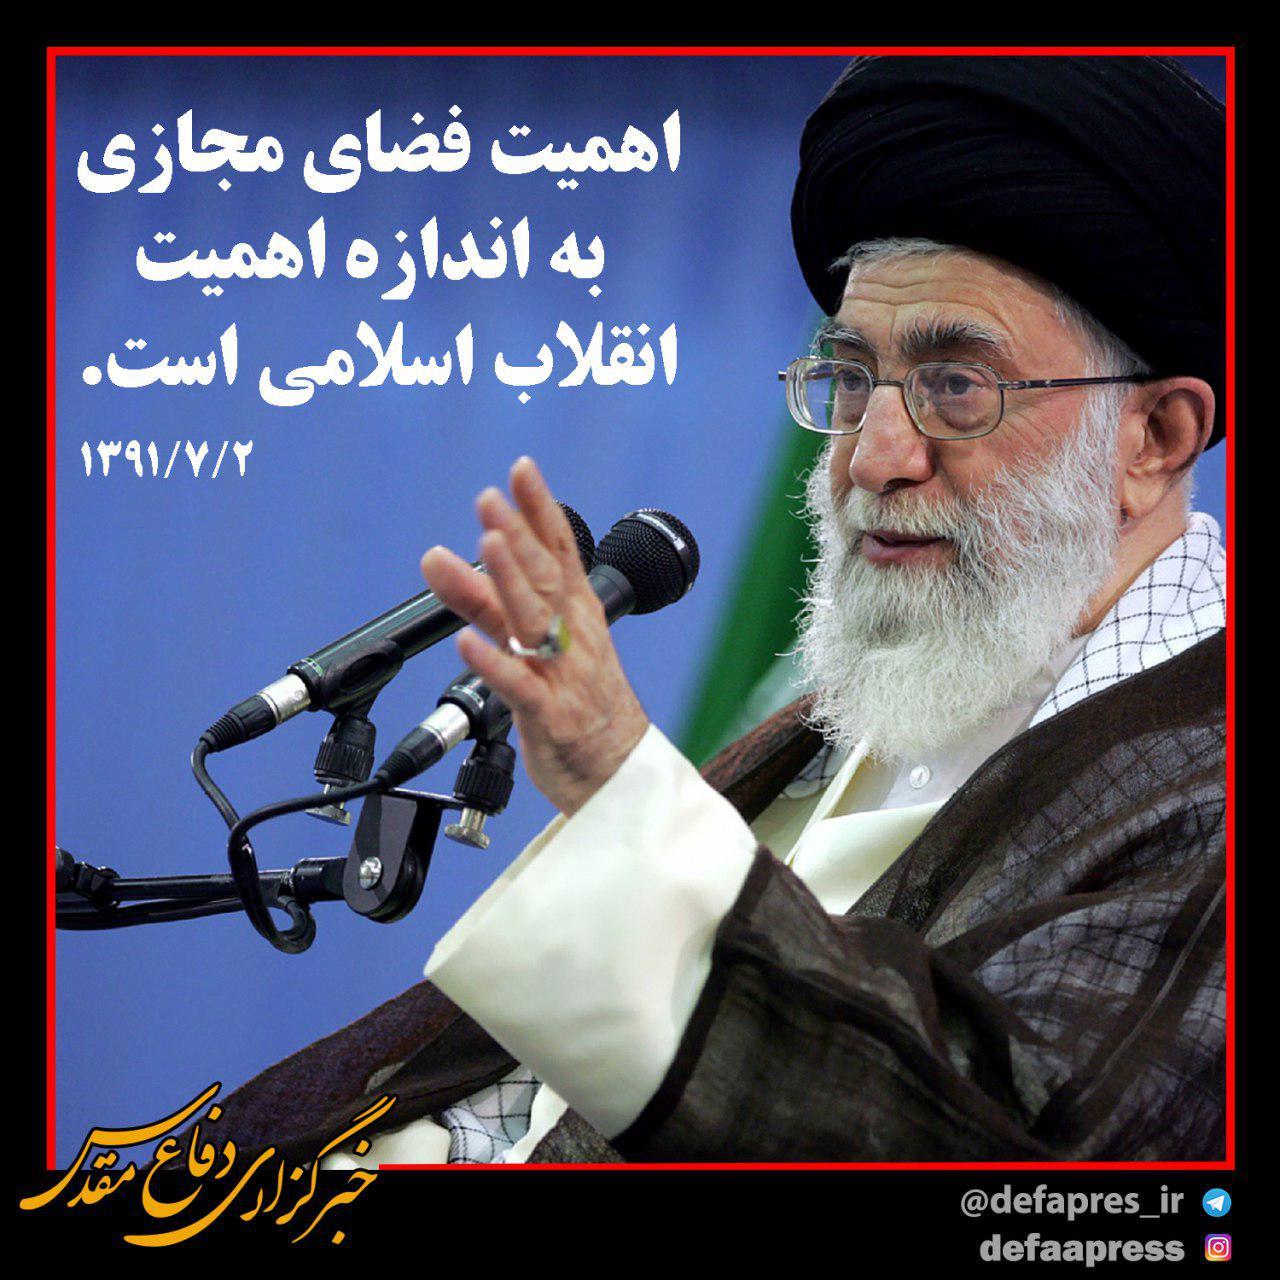 فوتوتیتر/ اهمیت فضای مجازی به اندازه اهمیت انقلاب اسلامی است